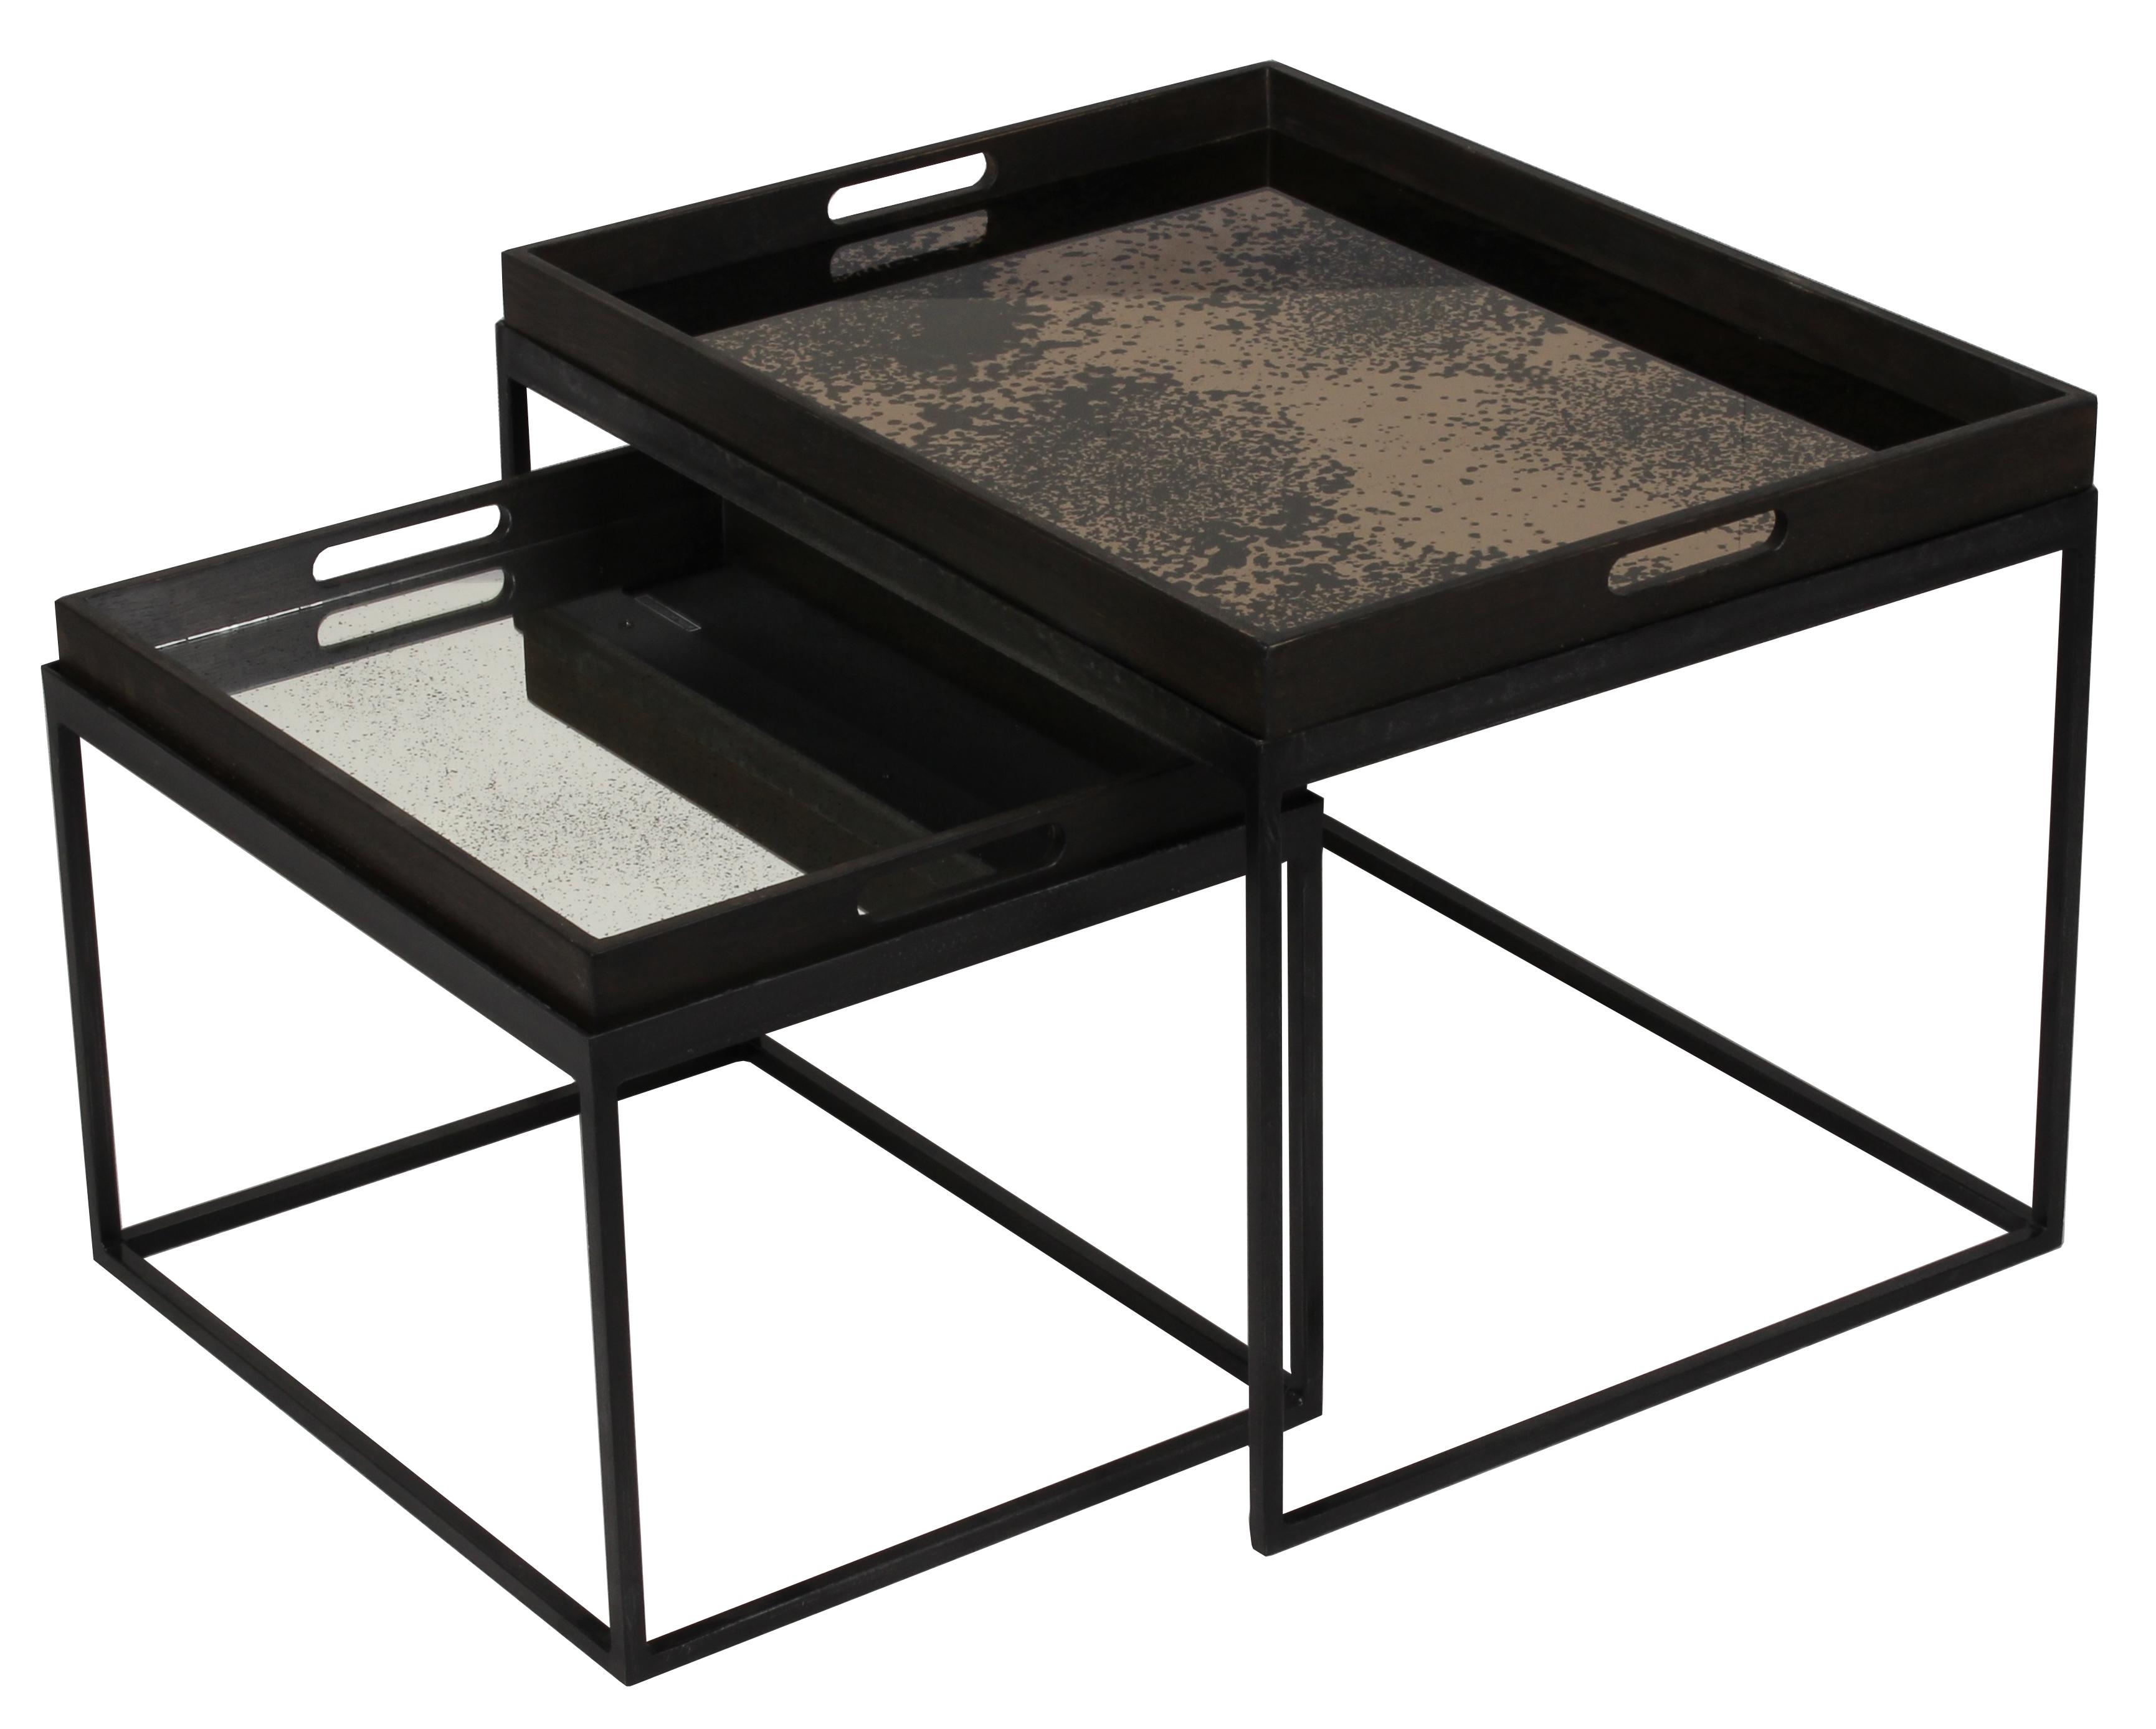 Notre Monde Tablett Tisch Tablett Tisch Set Niedrig Rechteckig